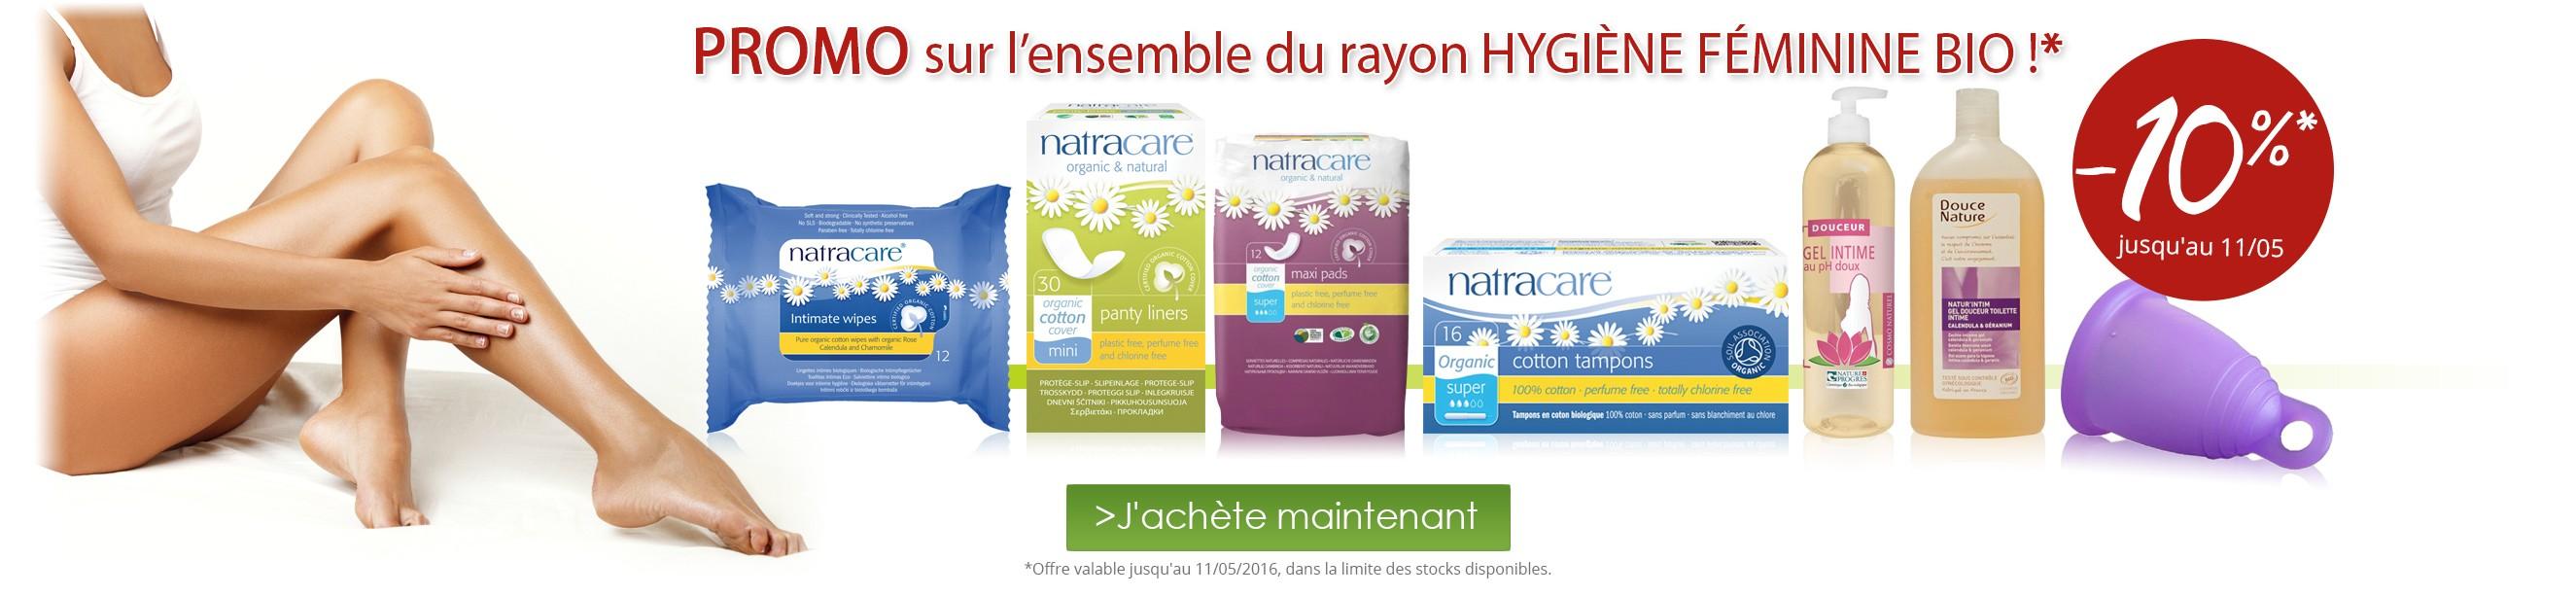 10% de réduction sur le rayon Hygiène féminine bio